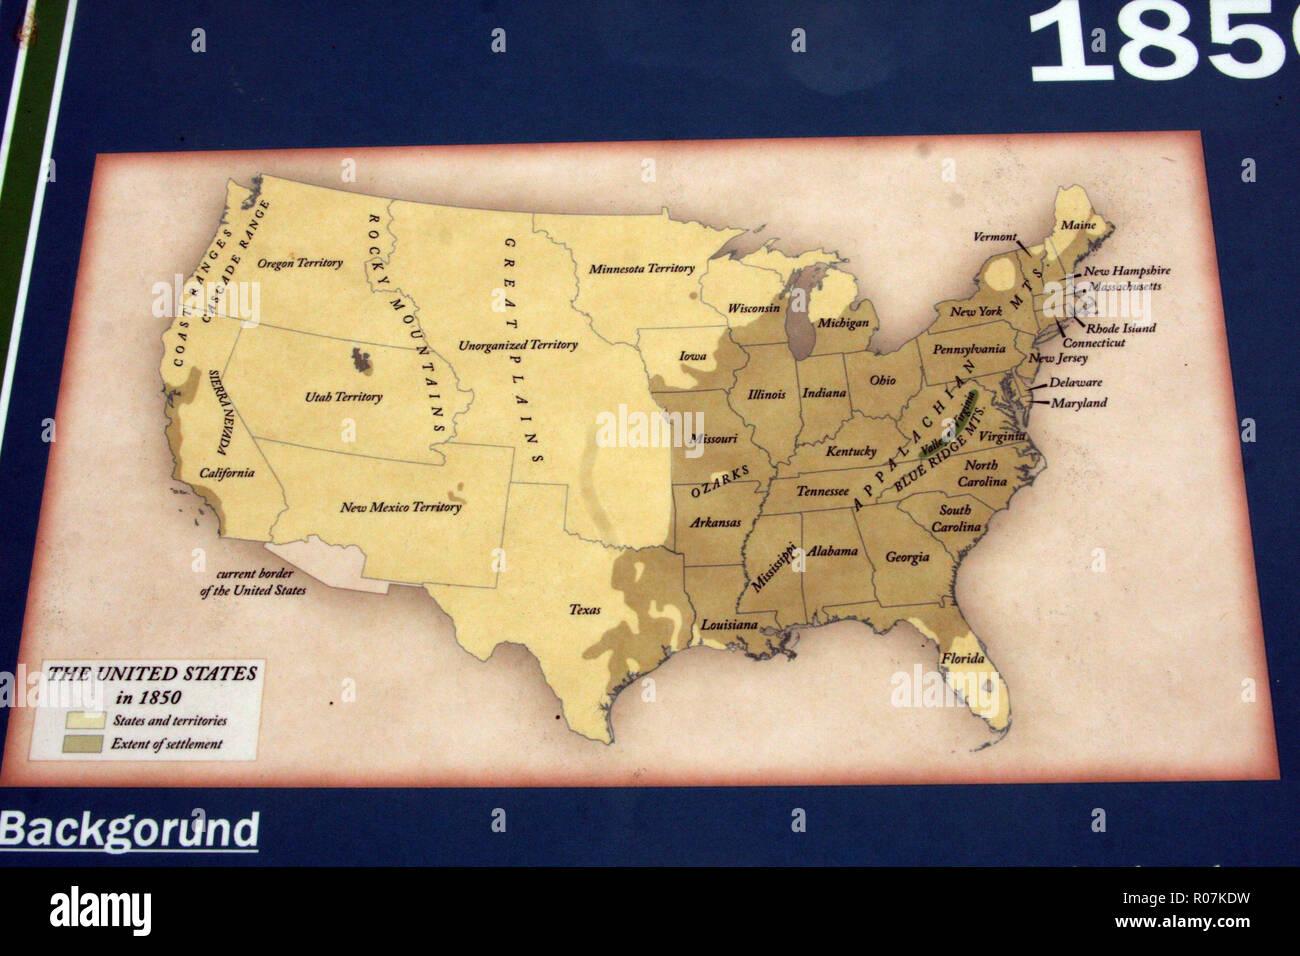 Cartina Geografica Degli Stati Uniti Di America.Mappa Degli Stati Uniti D America Nel 1850 Foto Stock Alamy